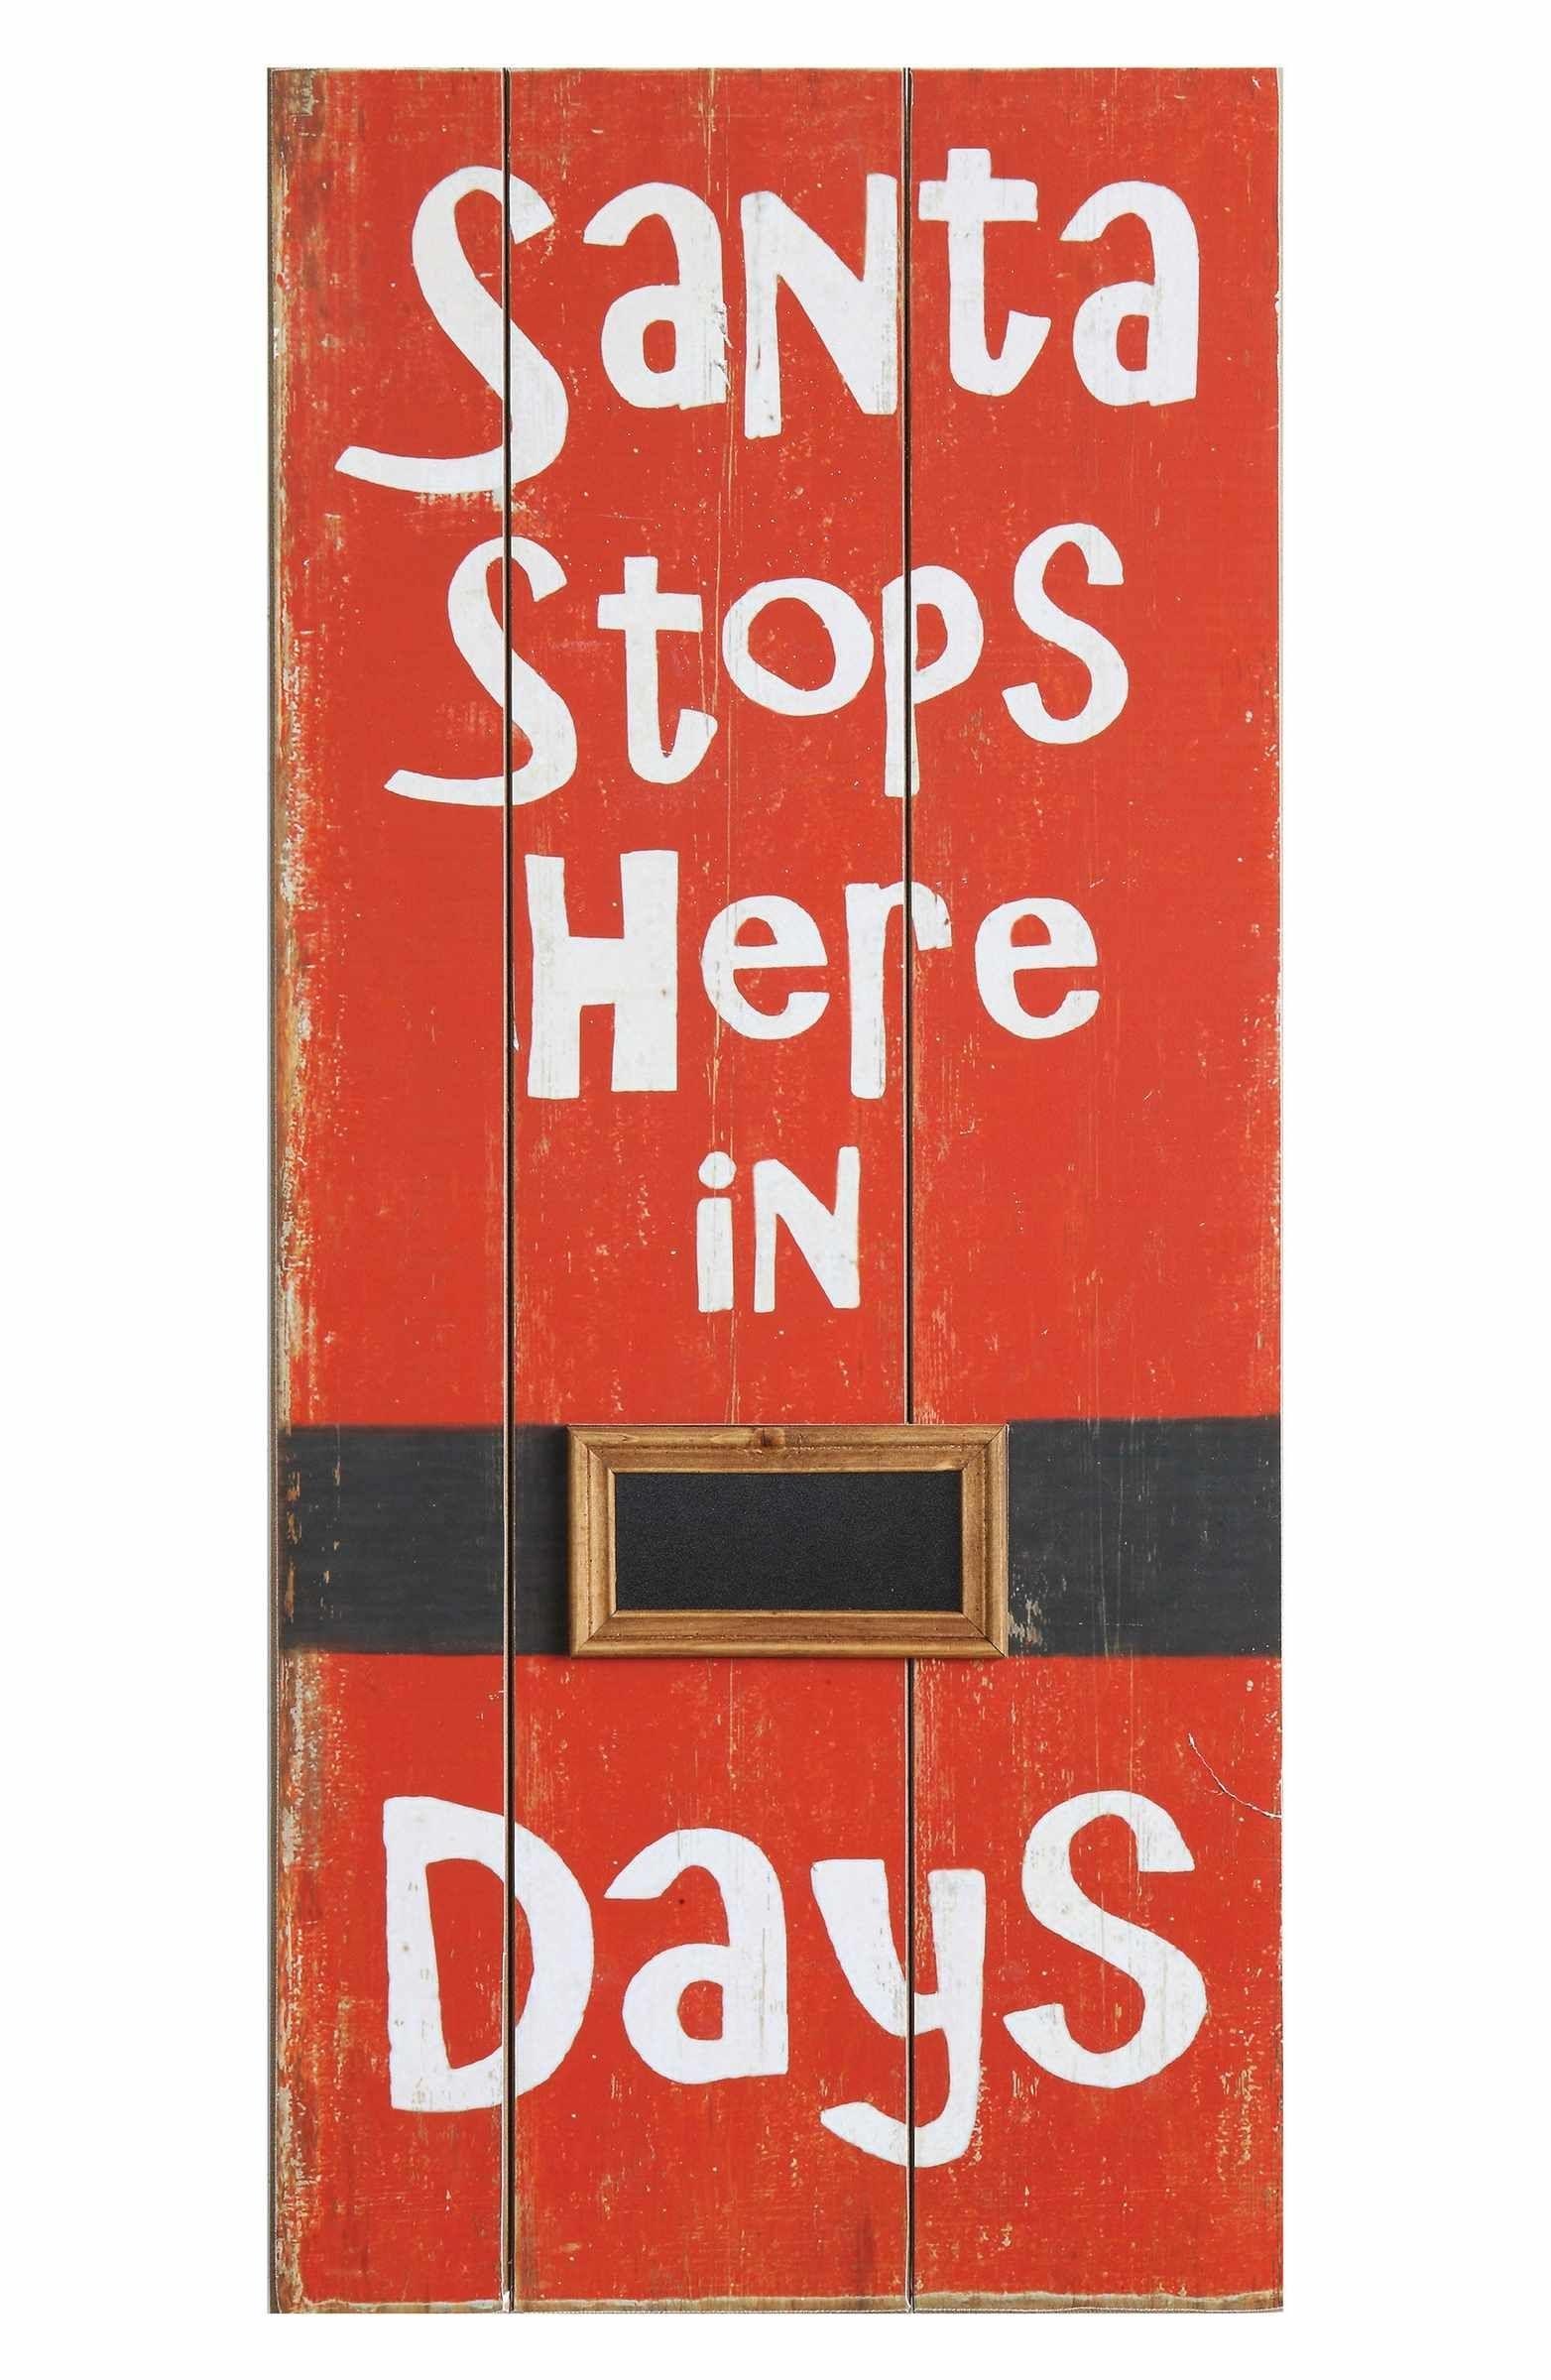 Soalan Peperiksaan Akhir Tahun Pendidikan Jasmani Tahun 4 Hebat Link Download Countdown Poster Yang Hebat Dan Boleh Di Lihat Dengan Of Dapatkan Peperiksaan Akhir Tahun Pendidikan Jasmani Tahun 4 Yang Bernilai Khas Untuk Murid Muat Turun!